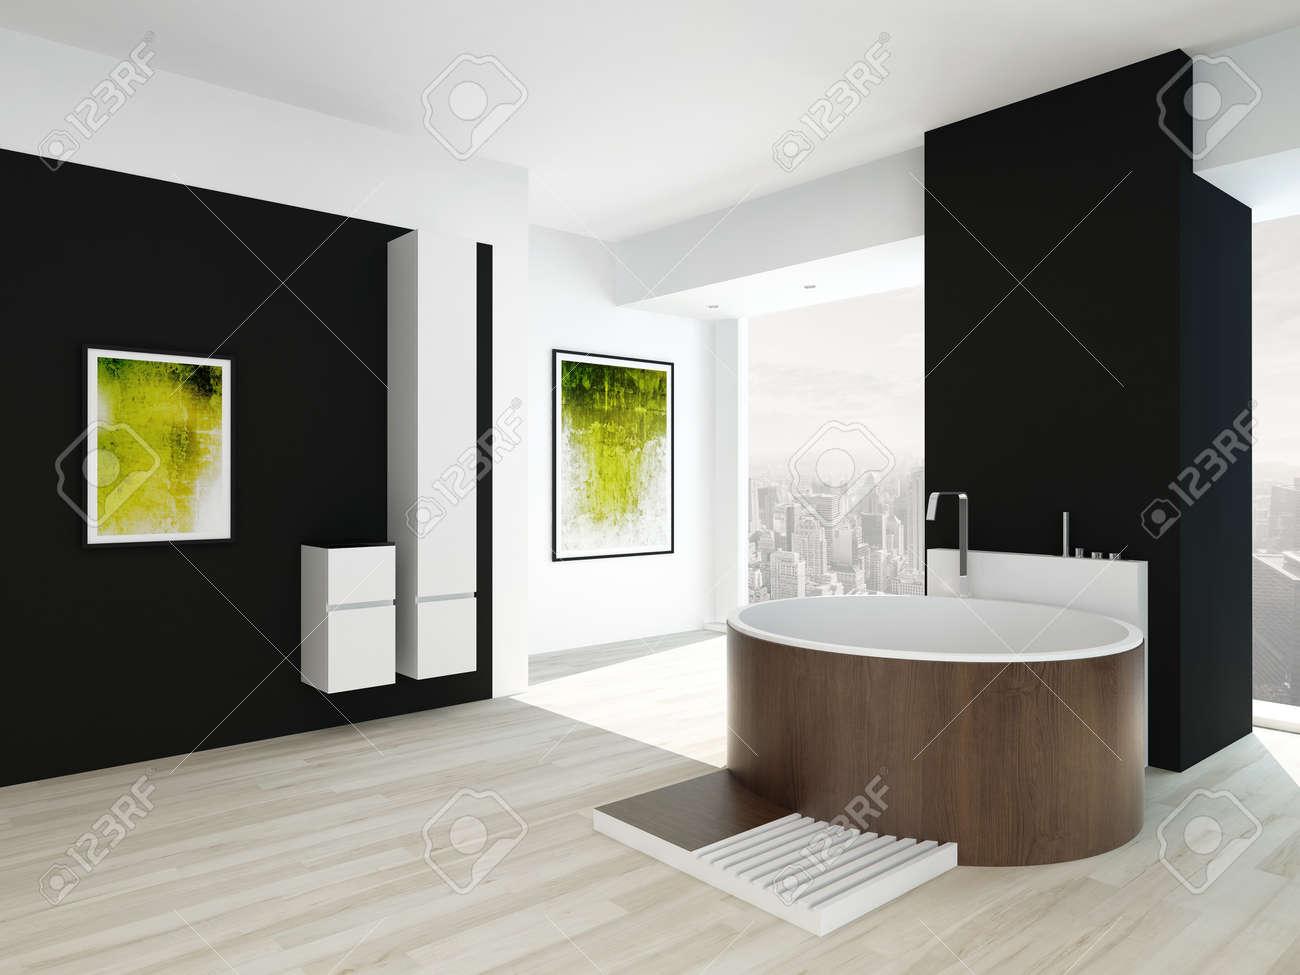 Salle De Bain Mur Noir ~ int rieur de salle de bains moderne avec un mur noir peinture verte